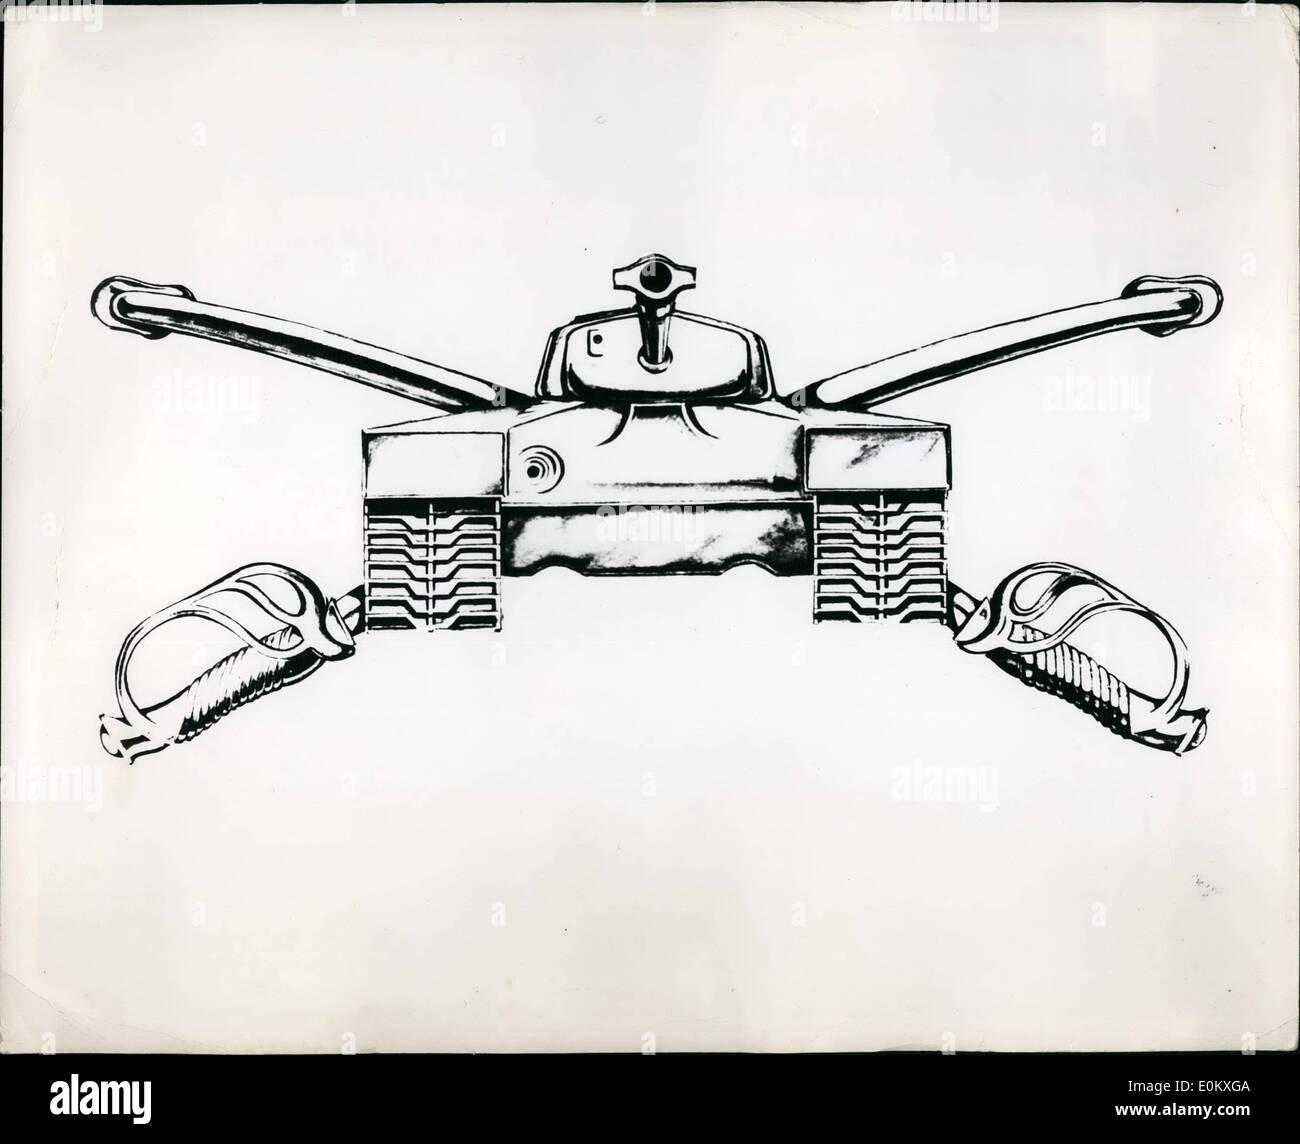 Gen 01, 1951 - Nuovo Stemma dell esercito tutore armor questo è un artista del disegno delle insegne che wile essere adottato dalla blindatura ramo dell'U.S. Esercito. A norma delle disposizioni dell'esercito organizzazione Act del 1960. Il ramo di cavalleria è stato sostituito dall'armatura filiali. Il nuovo design è composta da un aeroporto vista della loro -26 SERBATOIO (versione originale o il serbatoio di Patton) con la pistola leggermente sollevata e sovrapposti a due soldati di cavalleria incrociate sabes in scabbards con taglio edce. Le insegne è color oro Immagini Stock